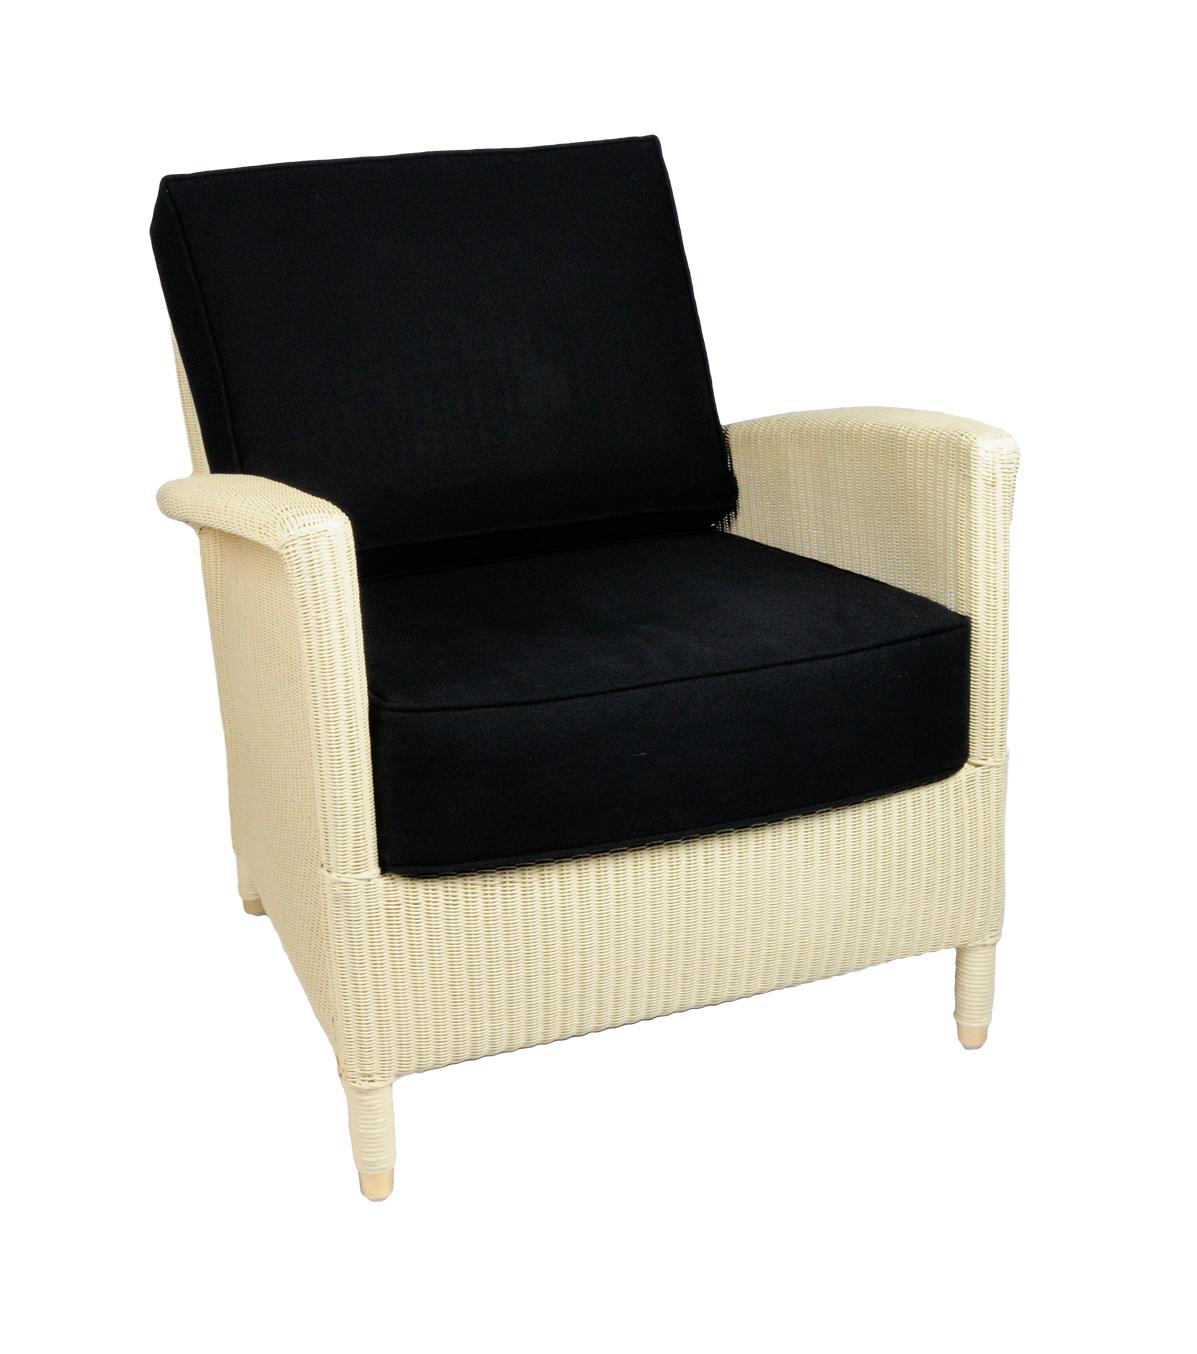 Lloyd loom fauteuil Triësta room